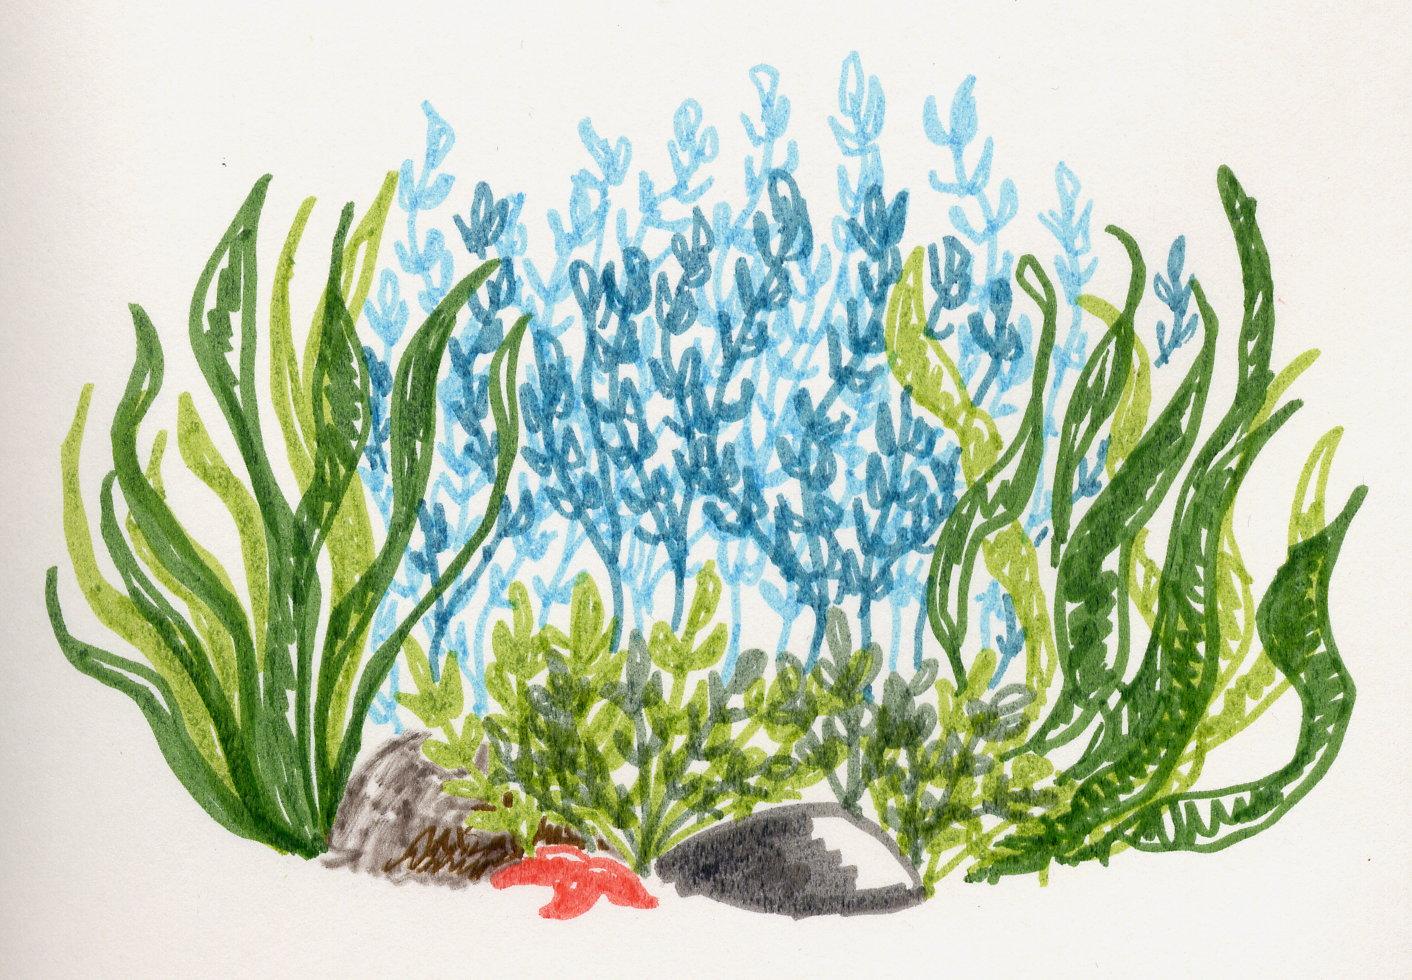 Les algues marines font vous faire chavirer ! 🍃